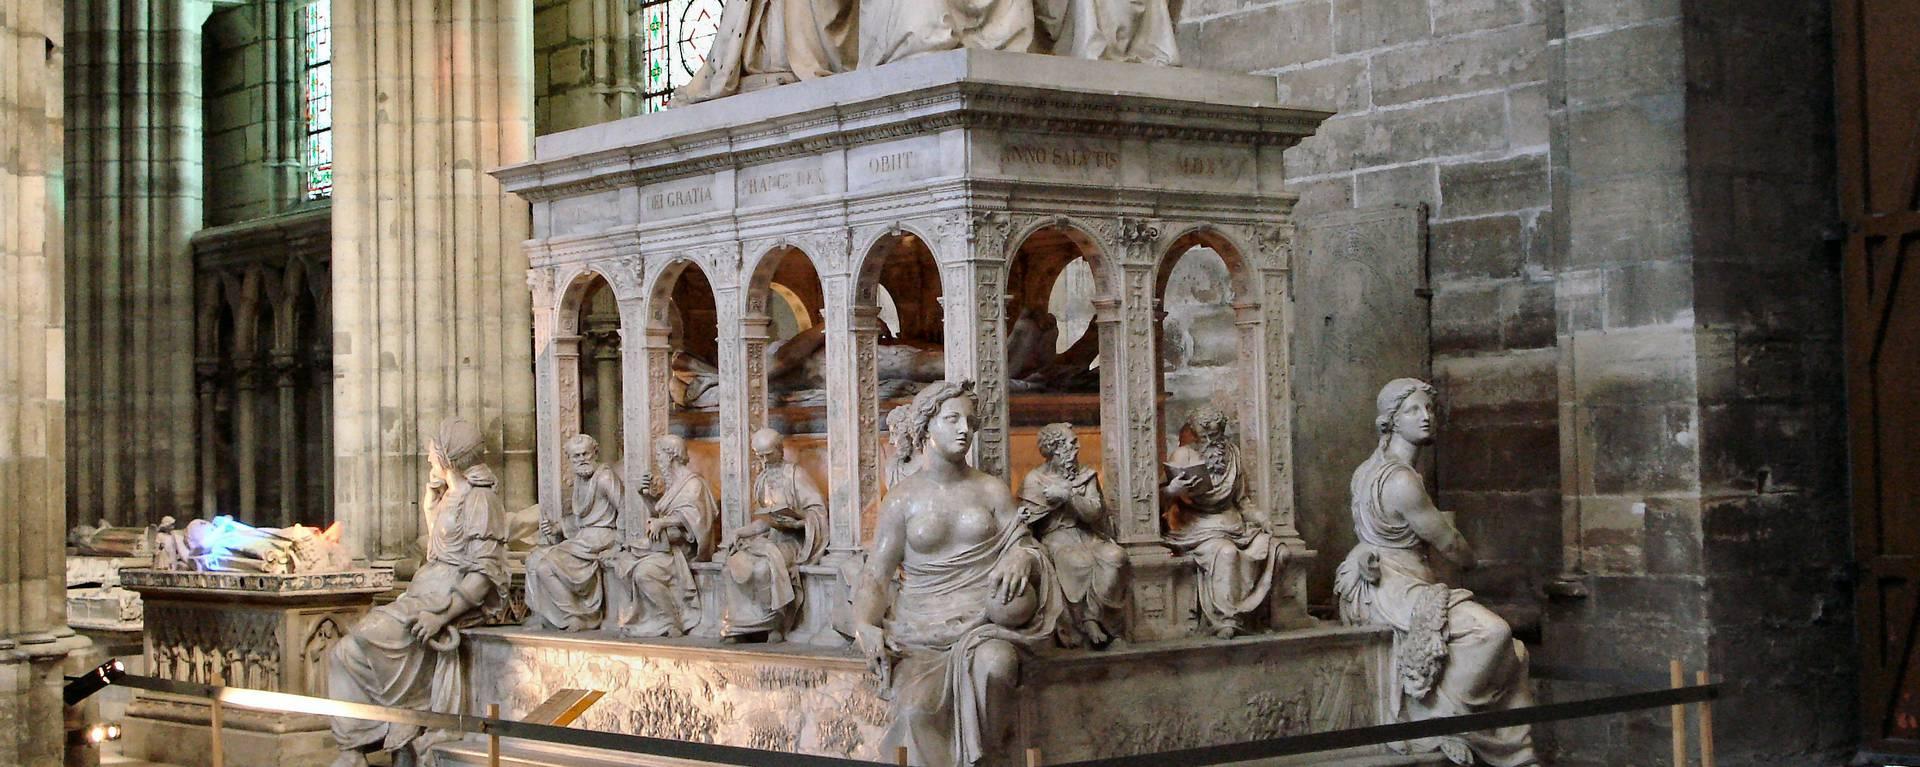 tombeau-rois-de-France-basilique-saint-denis